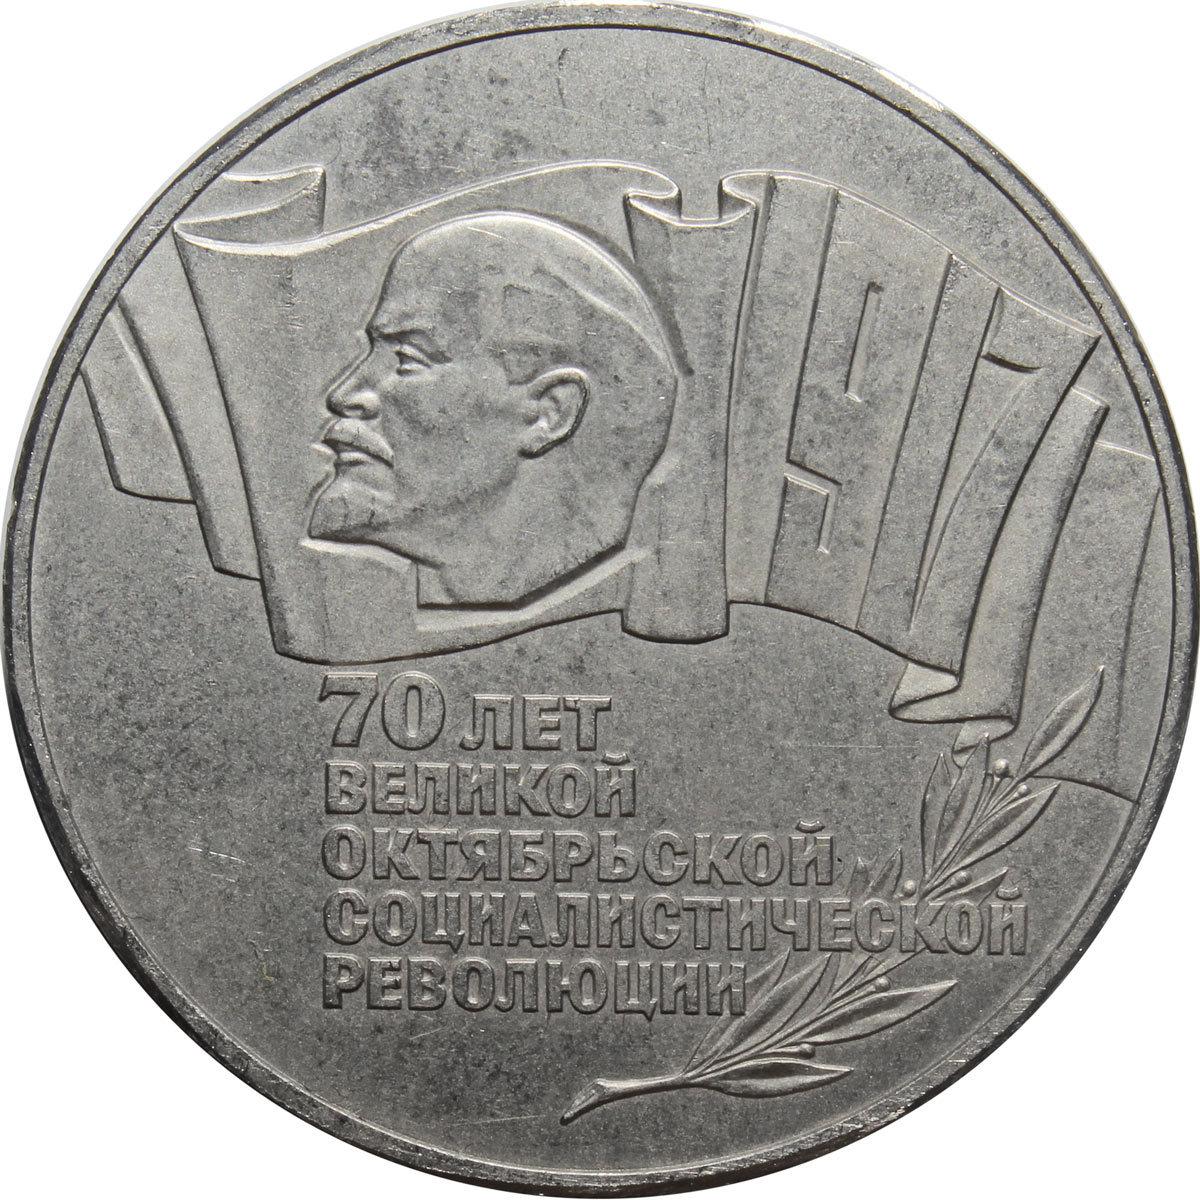 5 рублей 70 лет ВОСР (шайба)